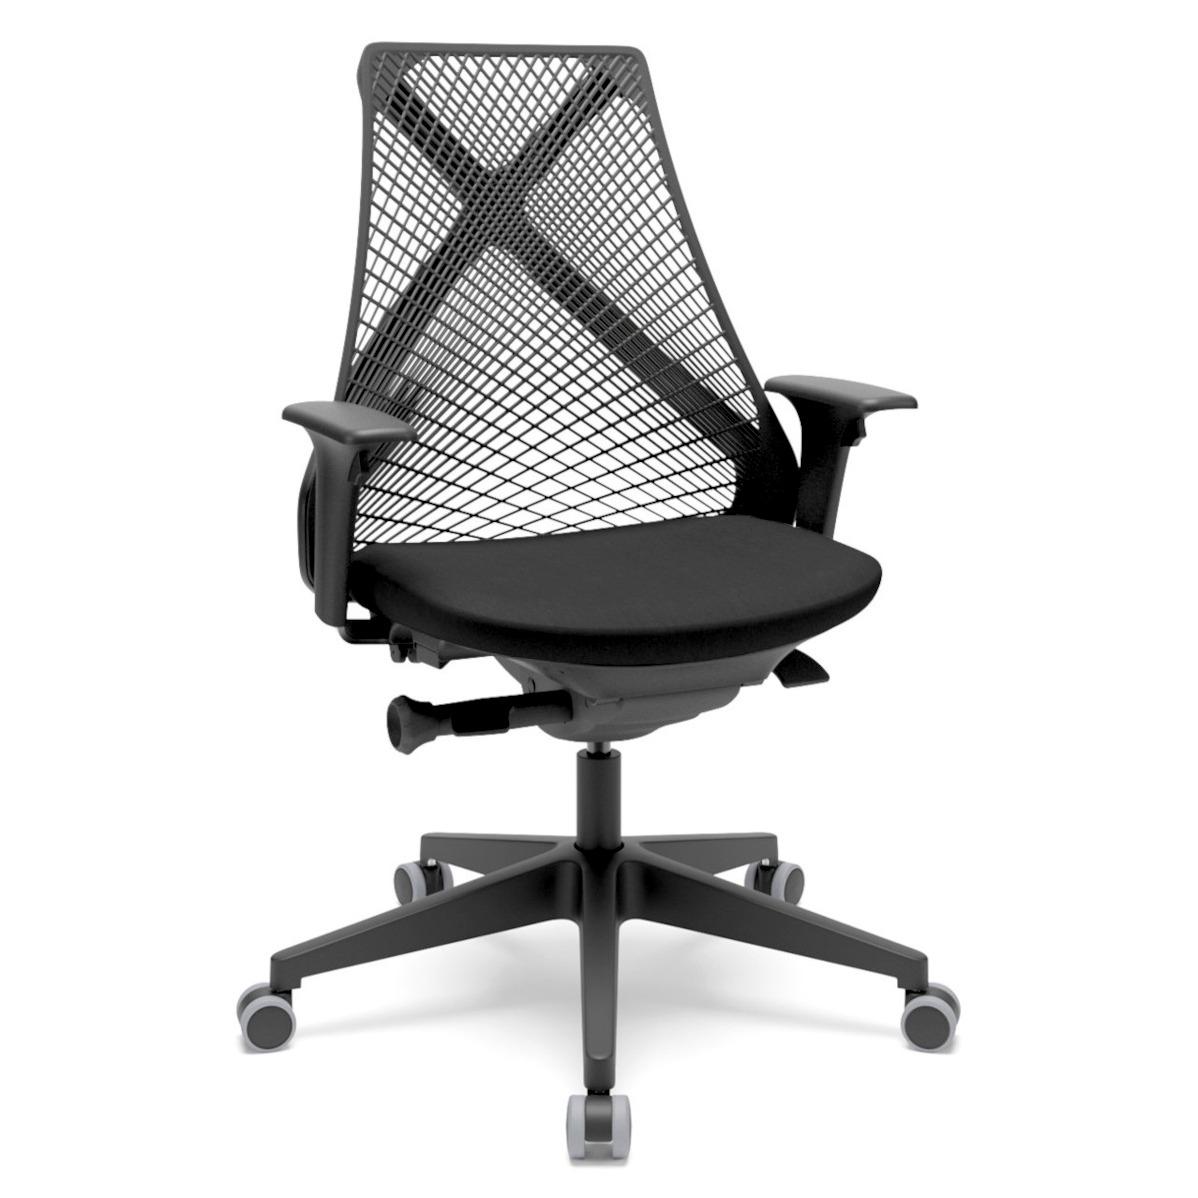 cadeira de escritório BIX com encosto preto